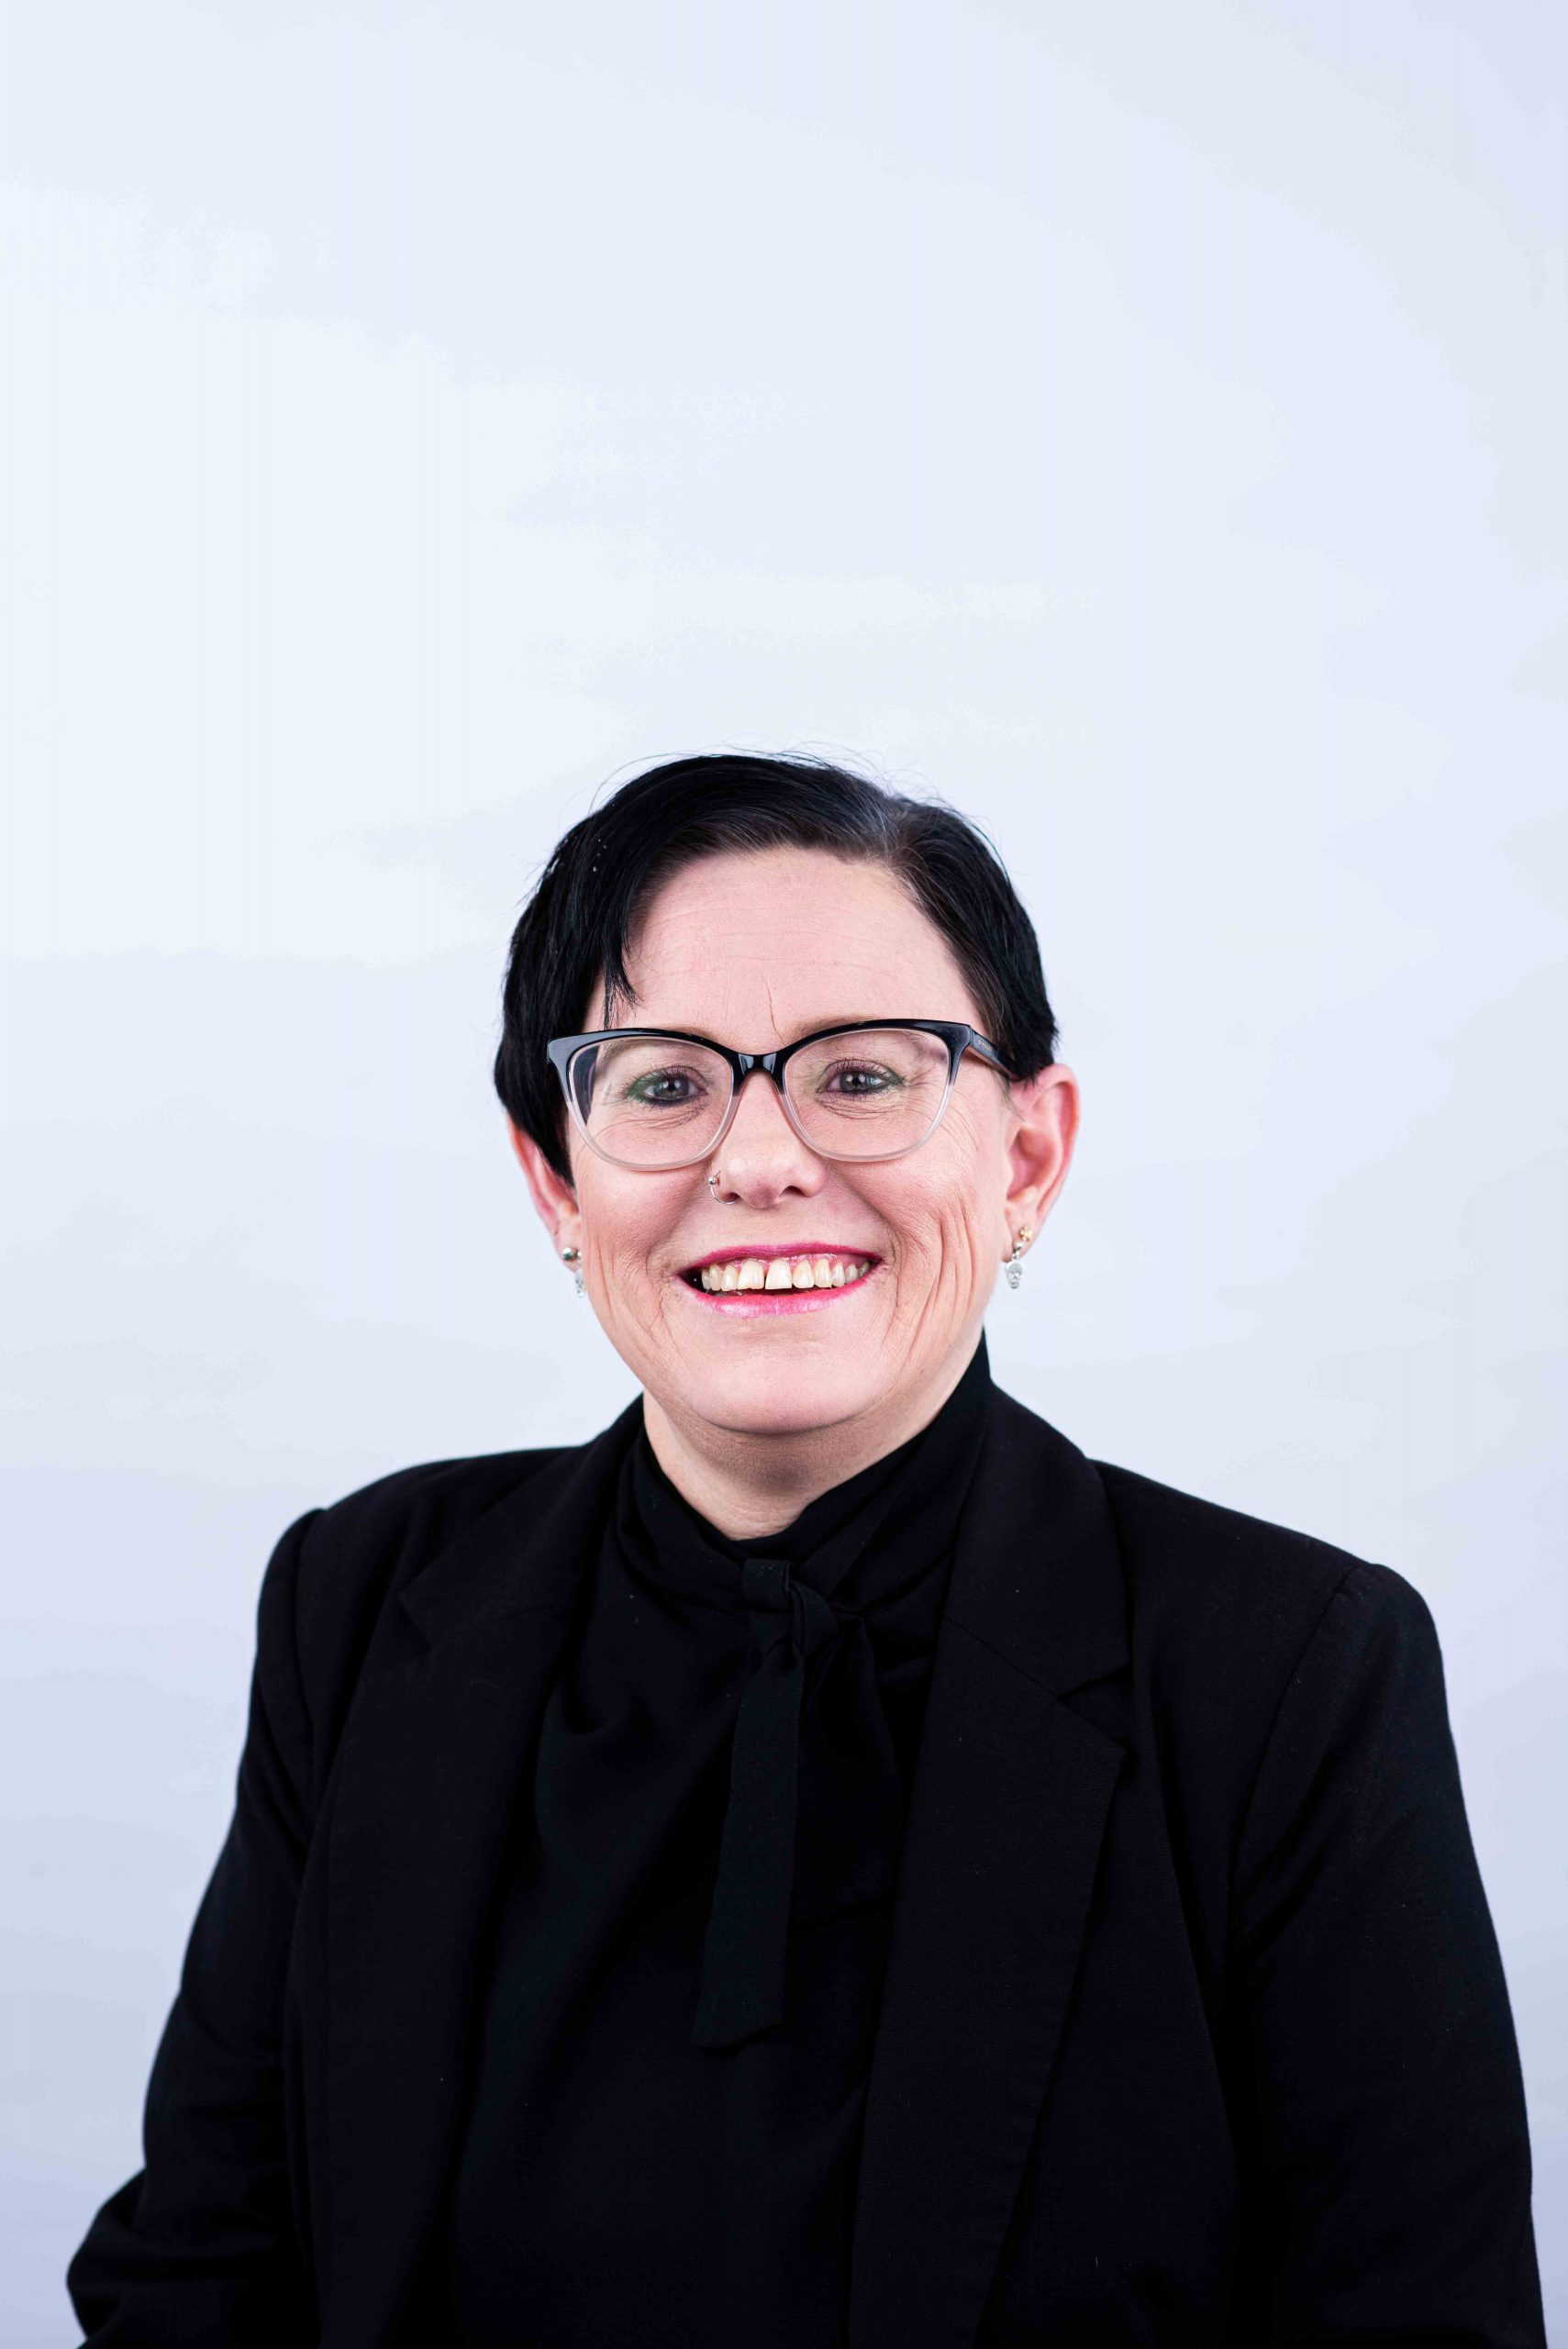 Billie Morrison